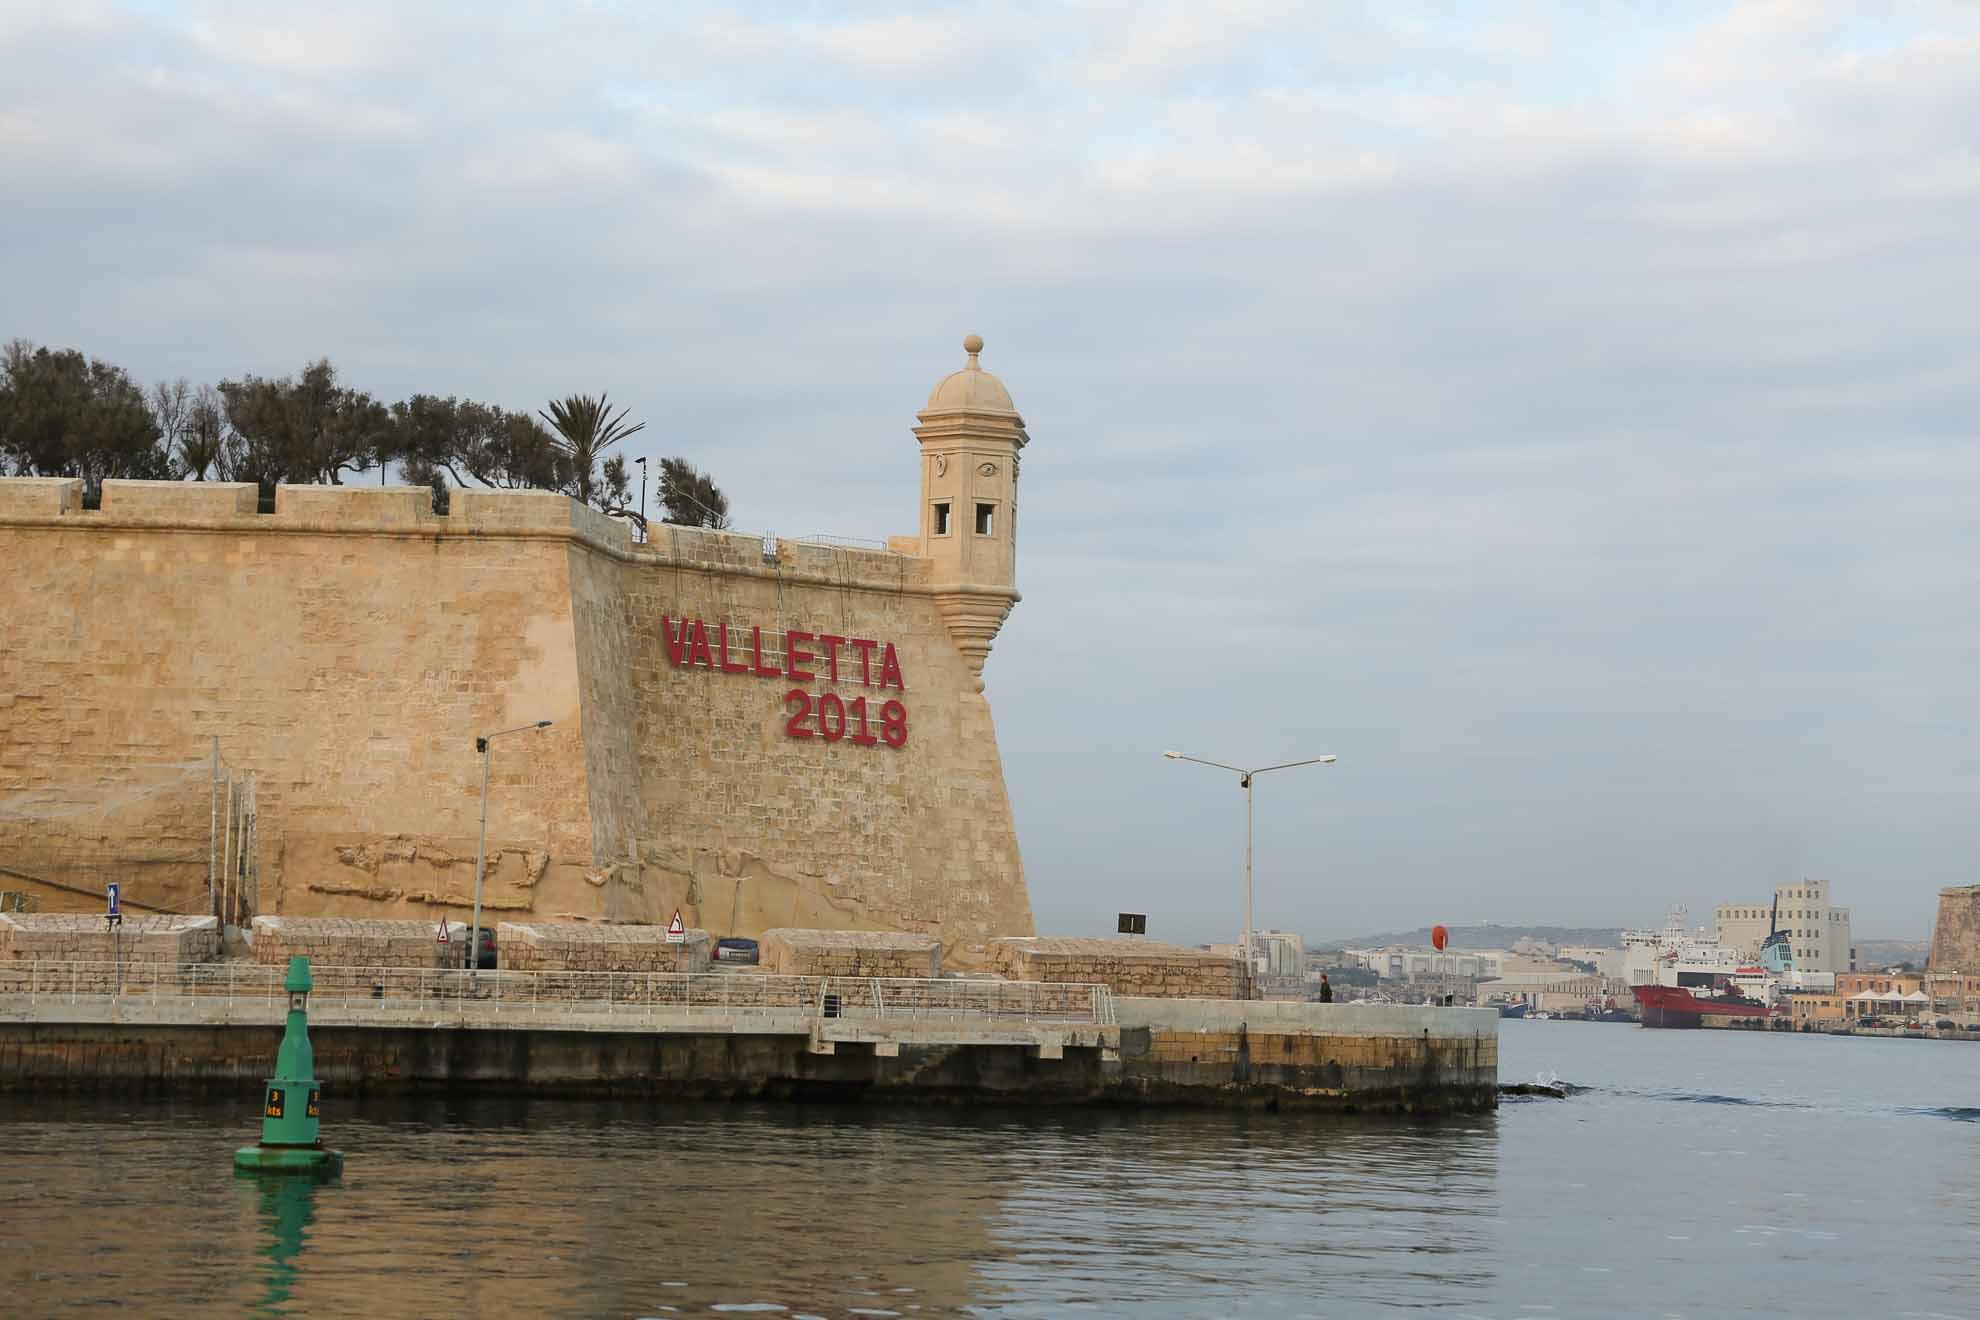 Die erste Überfahrt dieses Reiseabschnitts beginnt, Malaika verlässt Valletta.